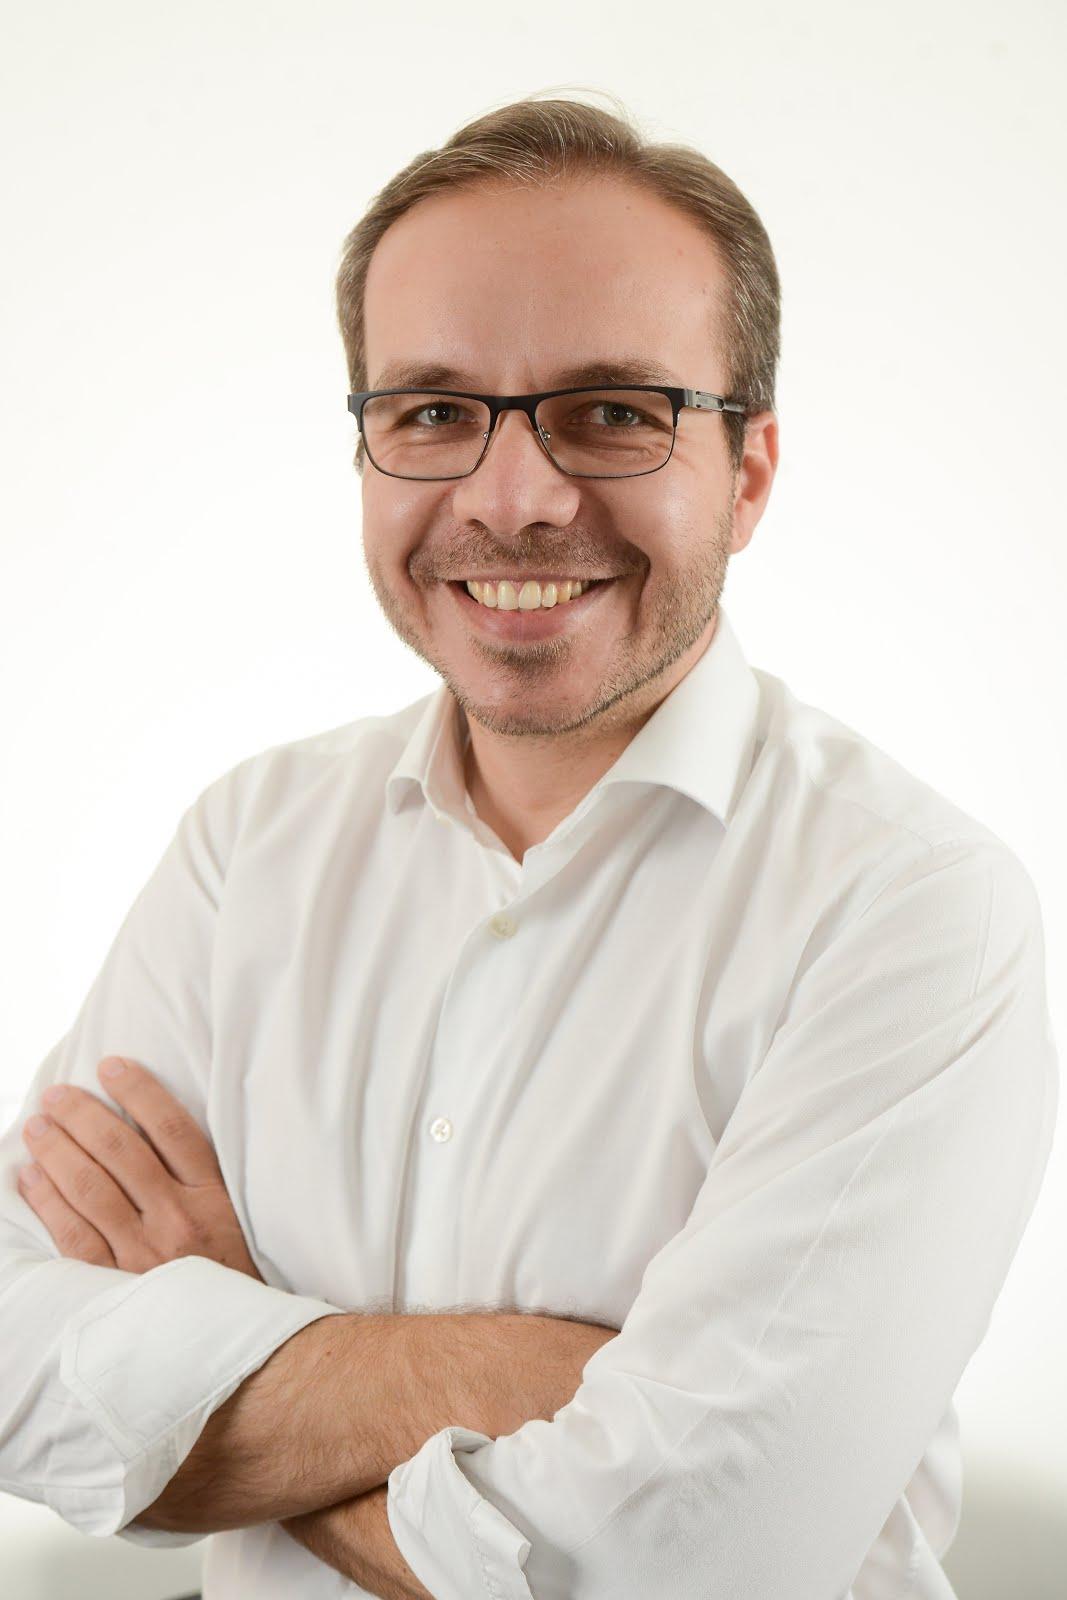 foto de José Luiz Pelosini, vice-presidente da Americanet